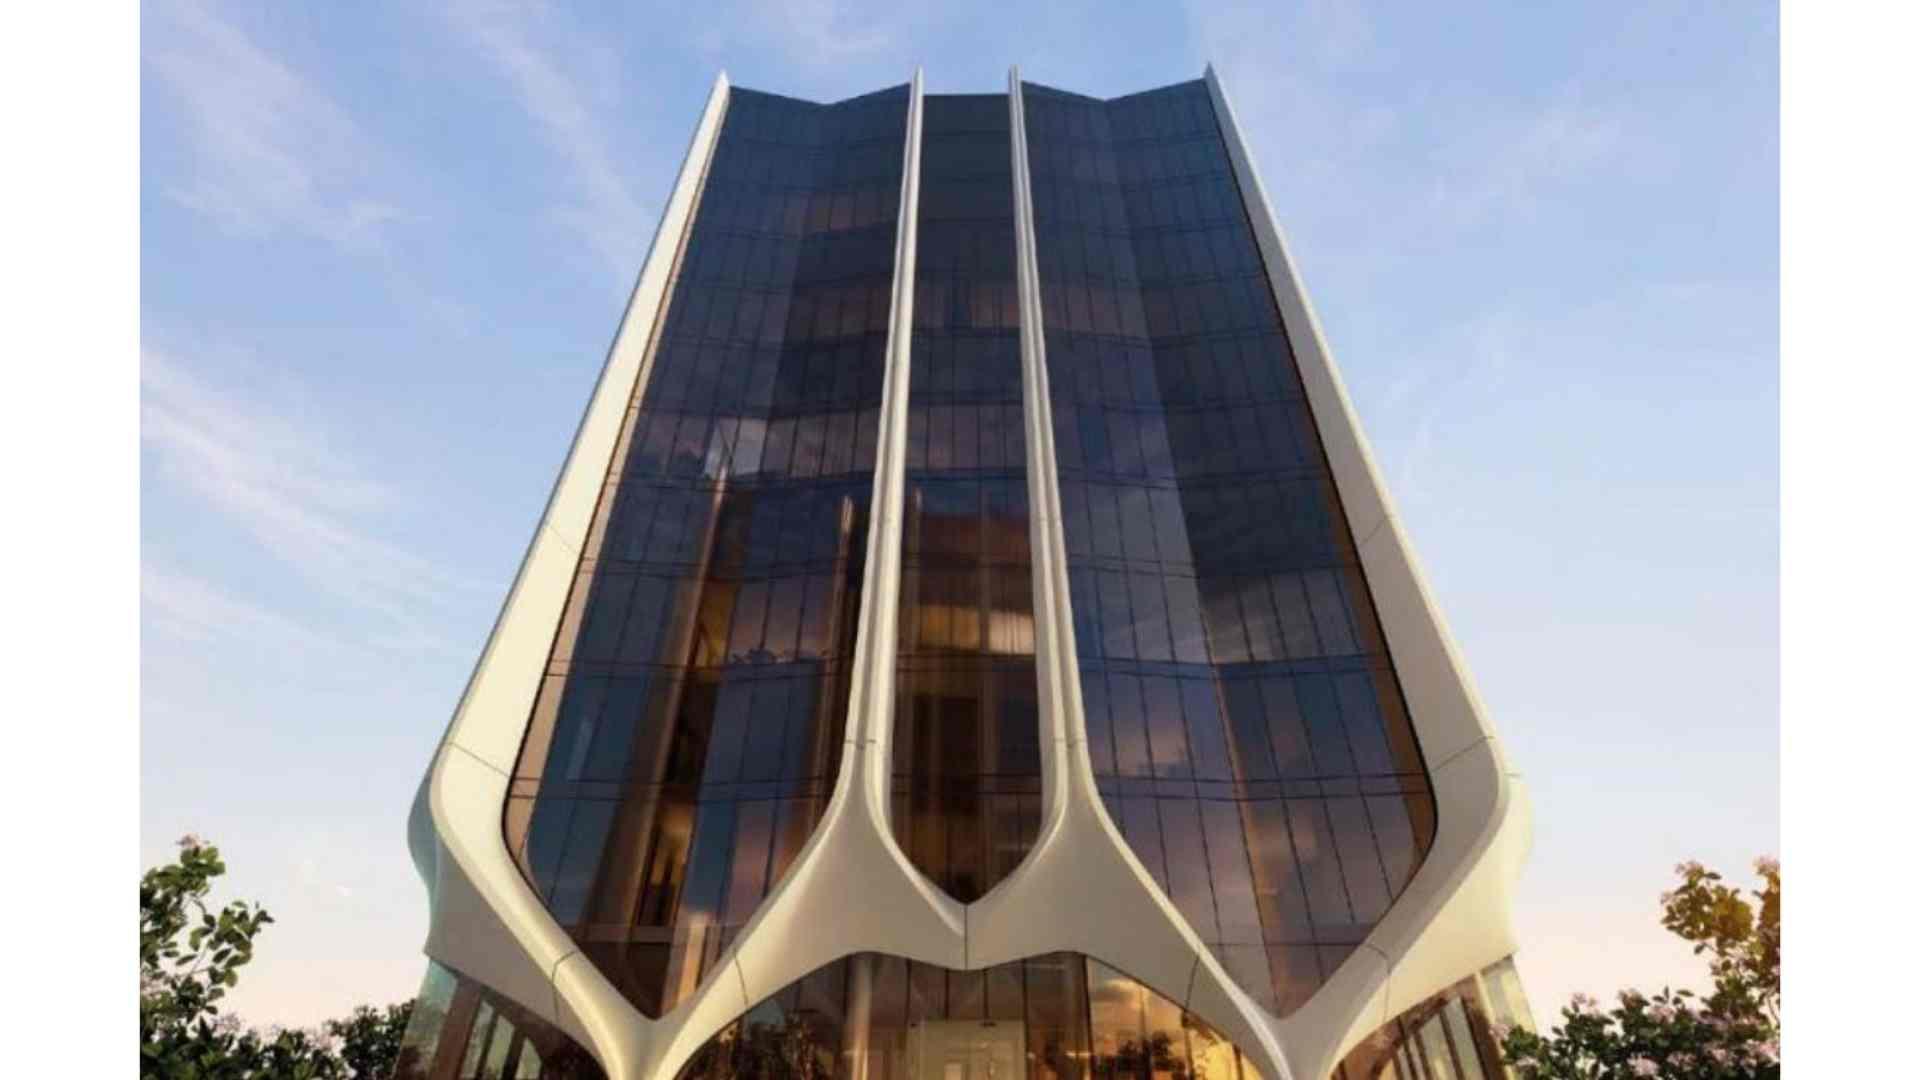 futuristic modern architectural building